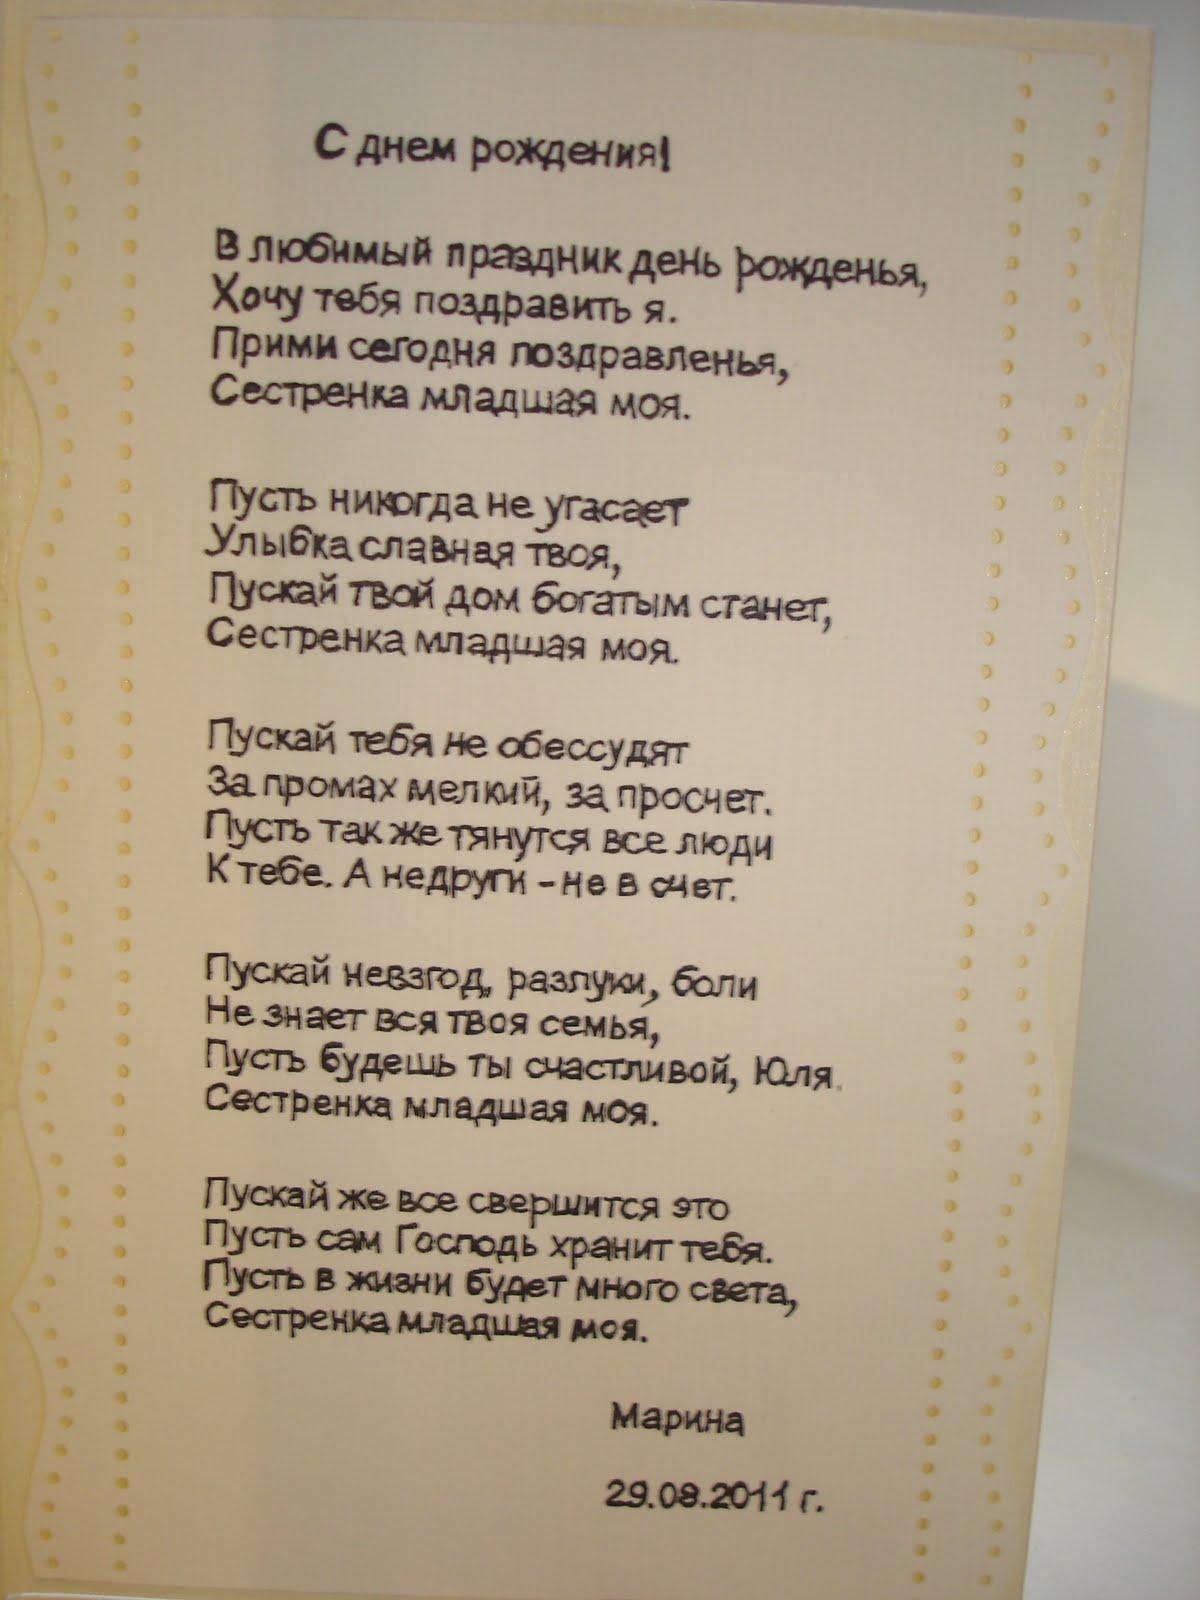 Поздравления с днём рождения старшей сестрёнке в стихах